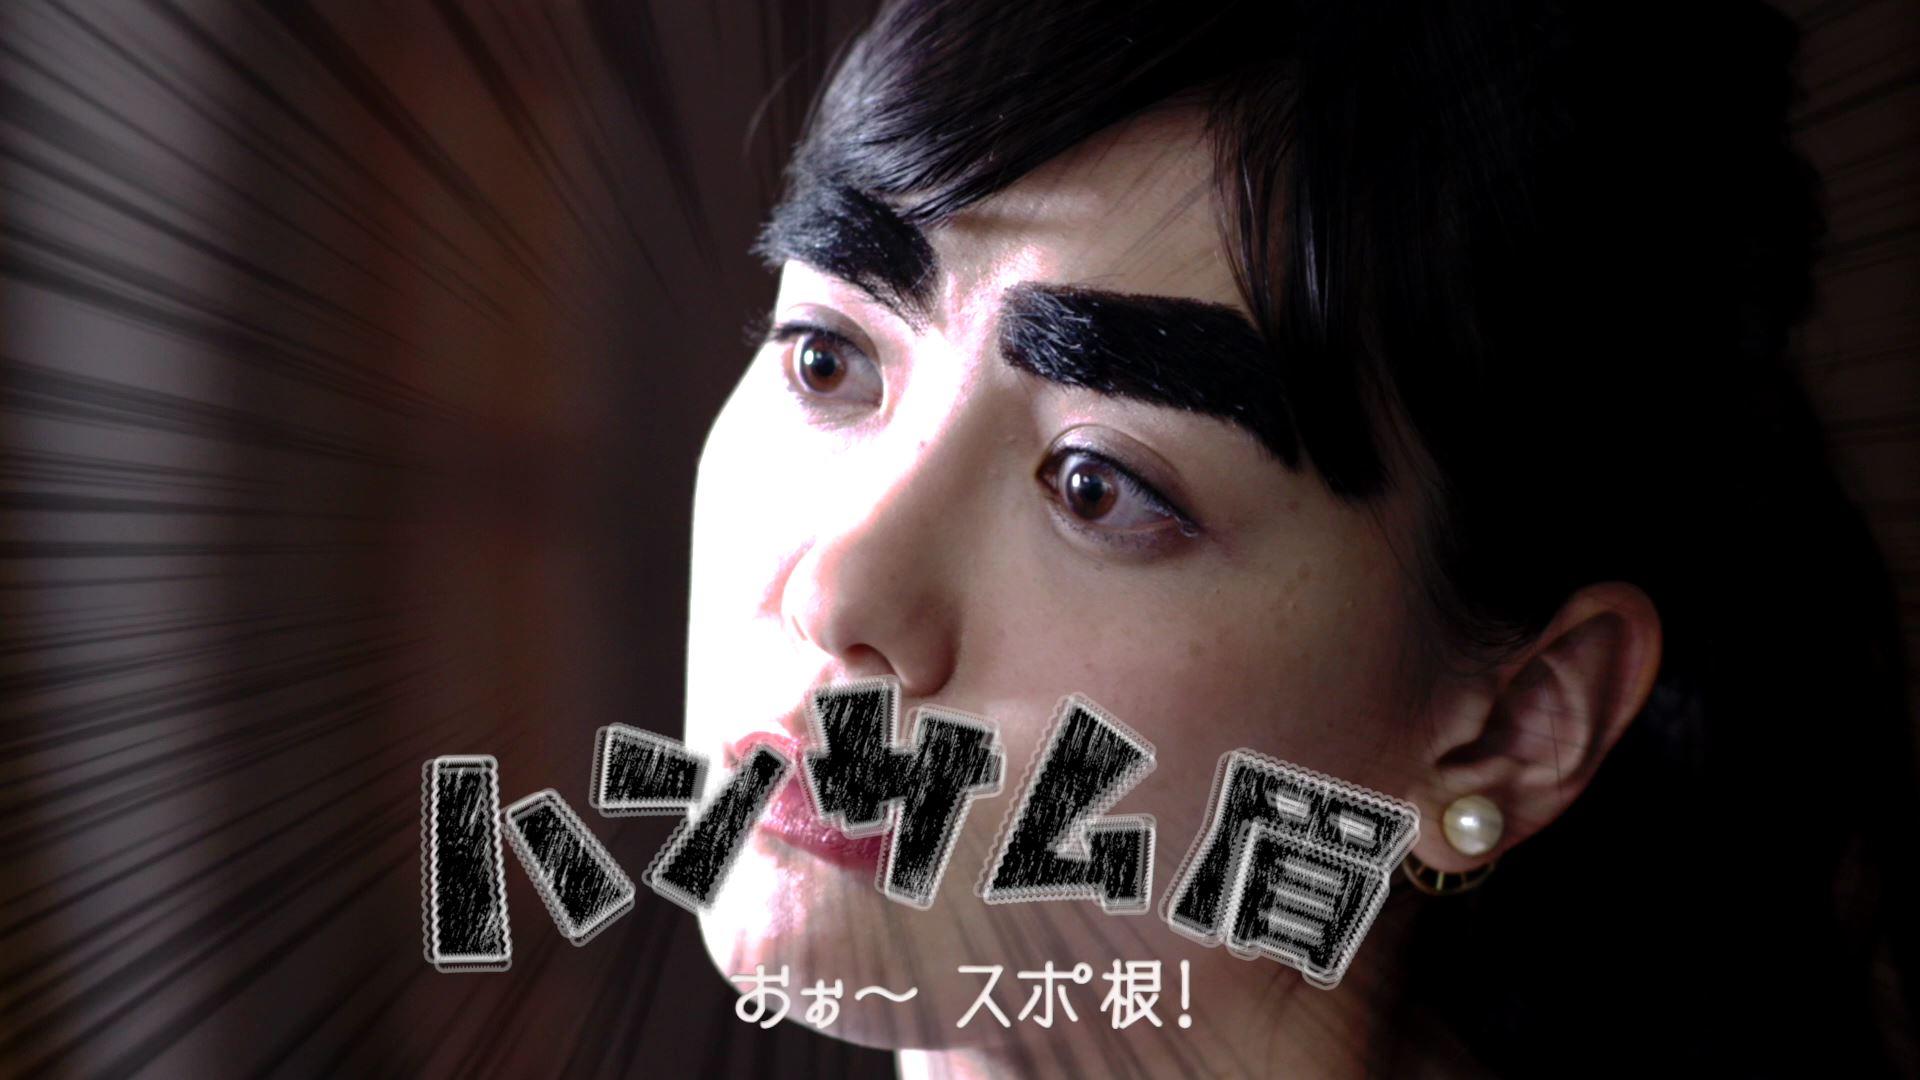 『血色チーク』でモデルがまさかにゆるキャラに 妄想メイク動画が突き抜けてる!